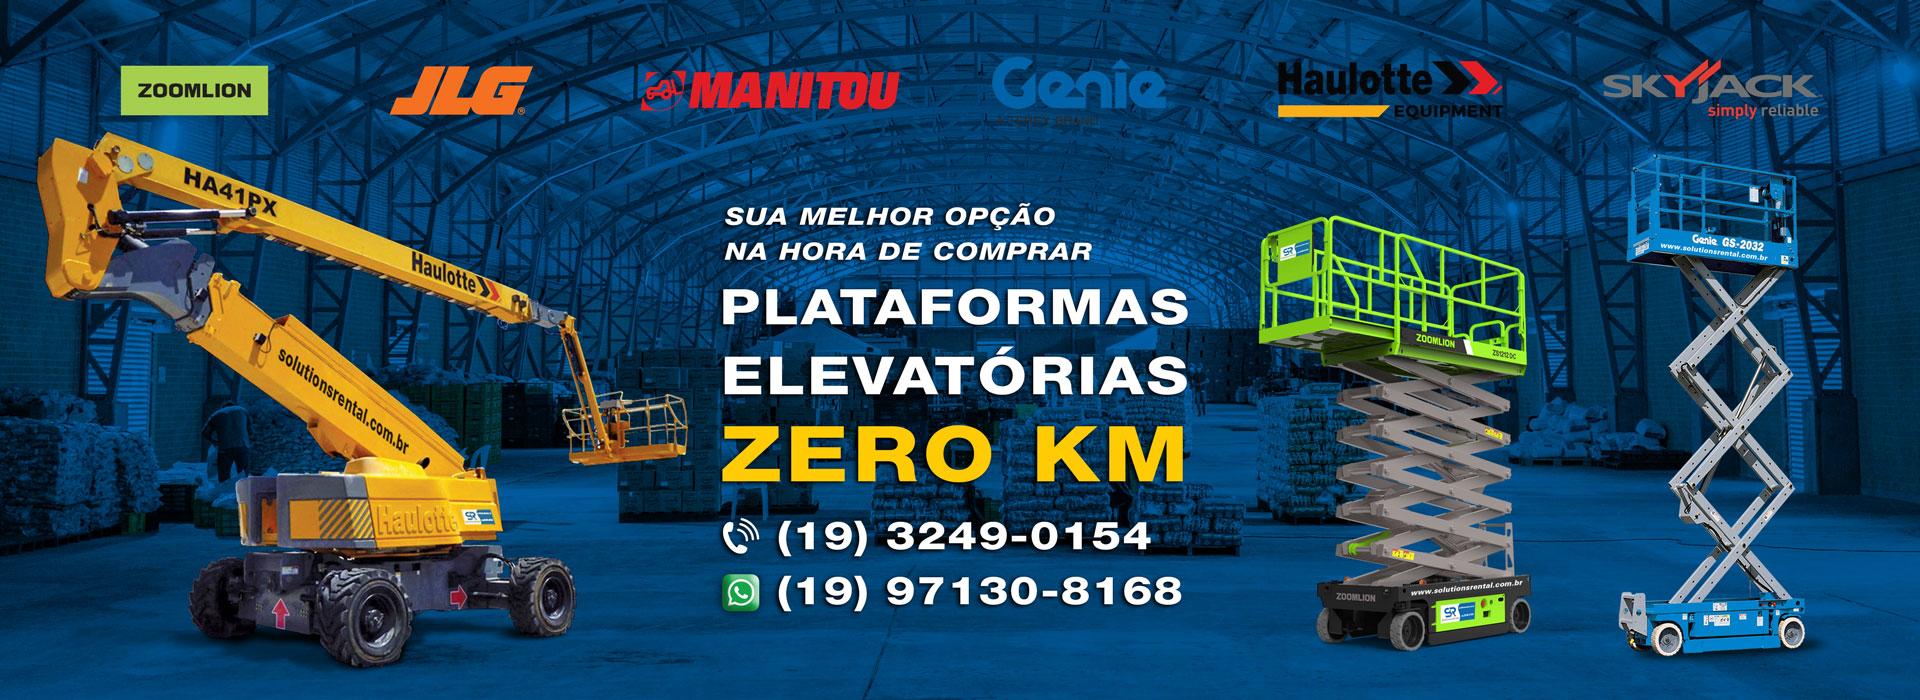 Solutions Rental Venda de Plataformas Zero Km